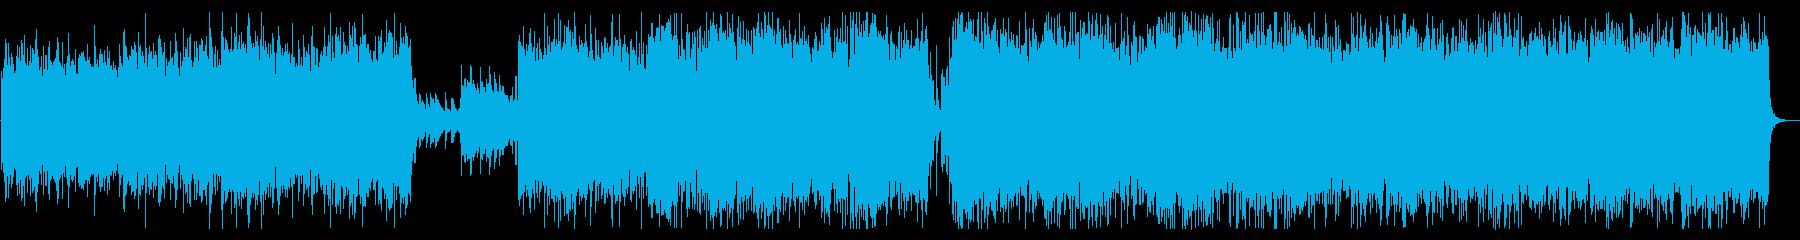 戦闘シーン:ダークでヘヴィなヴァイオリンの再生済みの波形